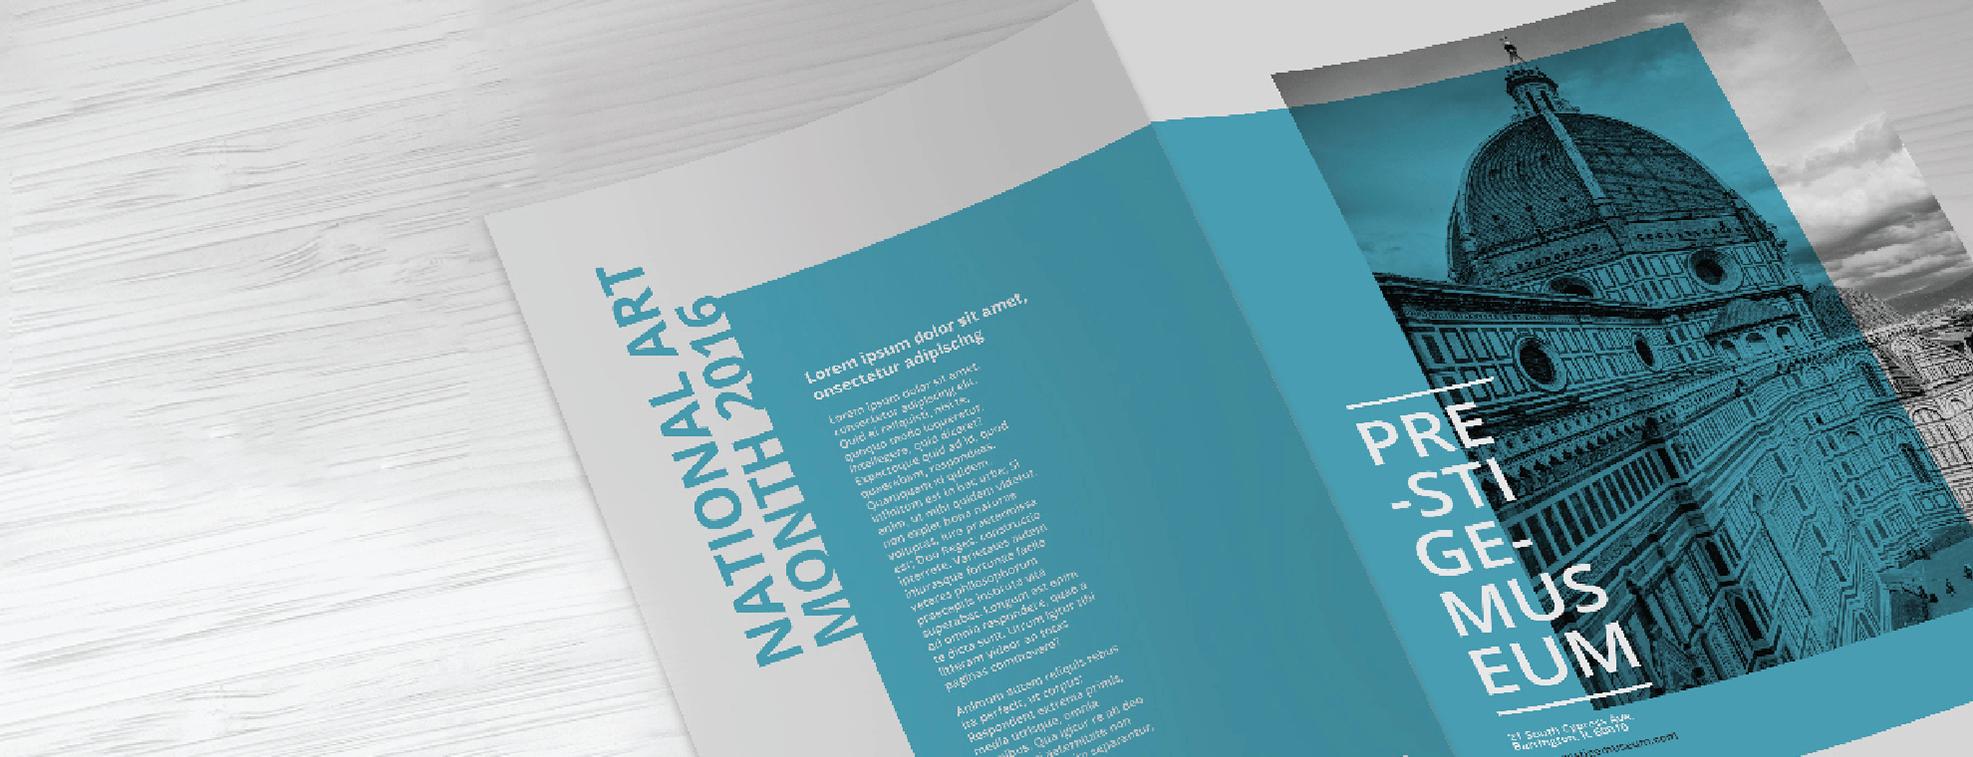 Print Your Leaflets Online